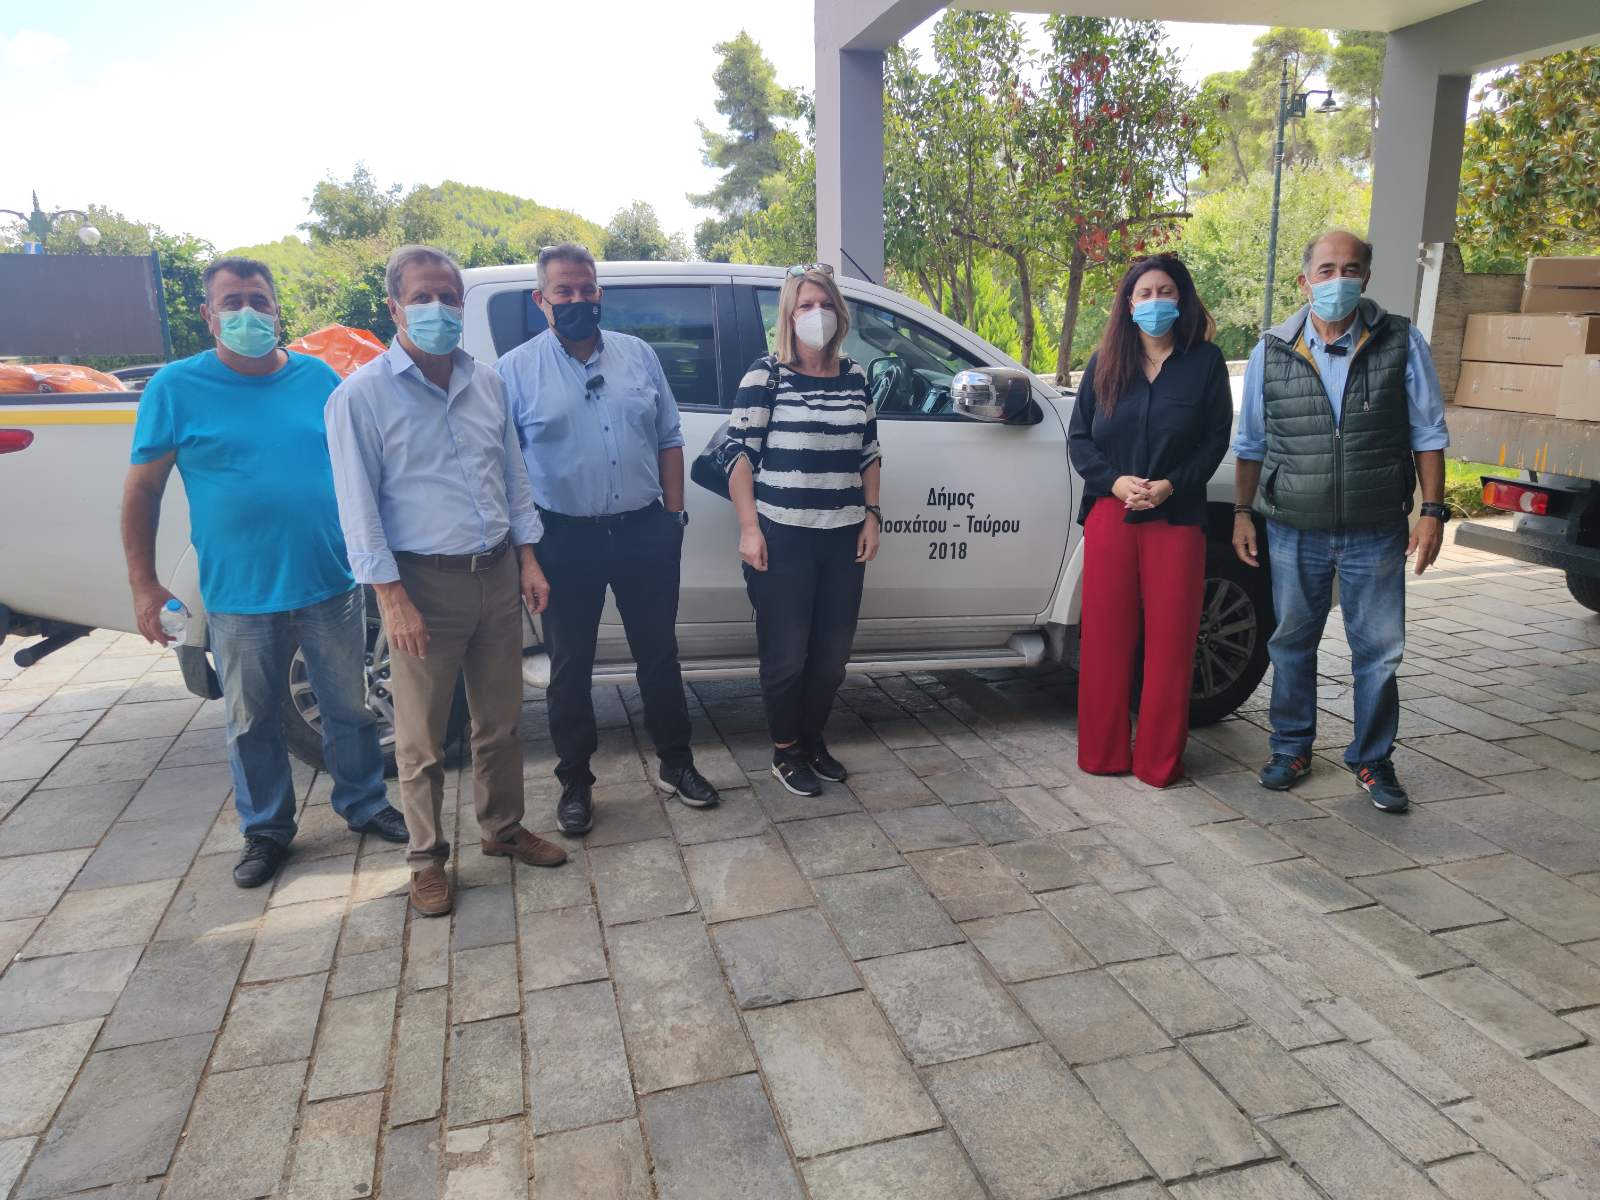 Ο Δήμος Μοσχάτου-Ταύρου απέστειλε σχολικά είδη και είδη πρώτης ανάγκης στους πληγέντες του Δήμου Αρχαίας Ολυμπίας